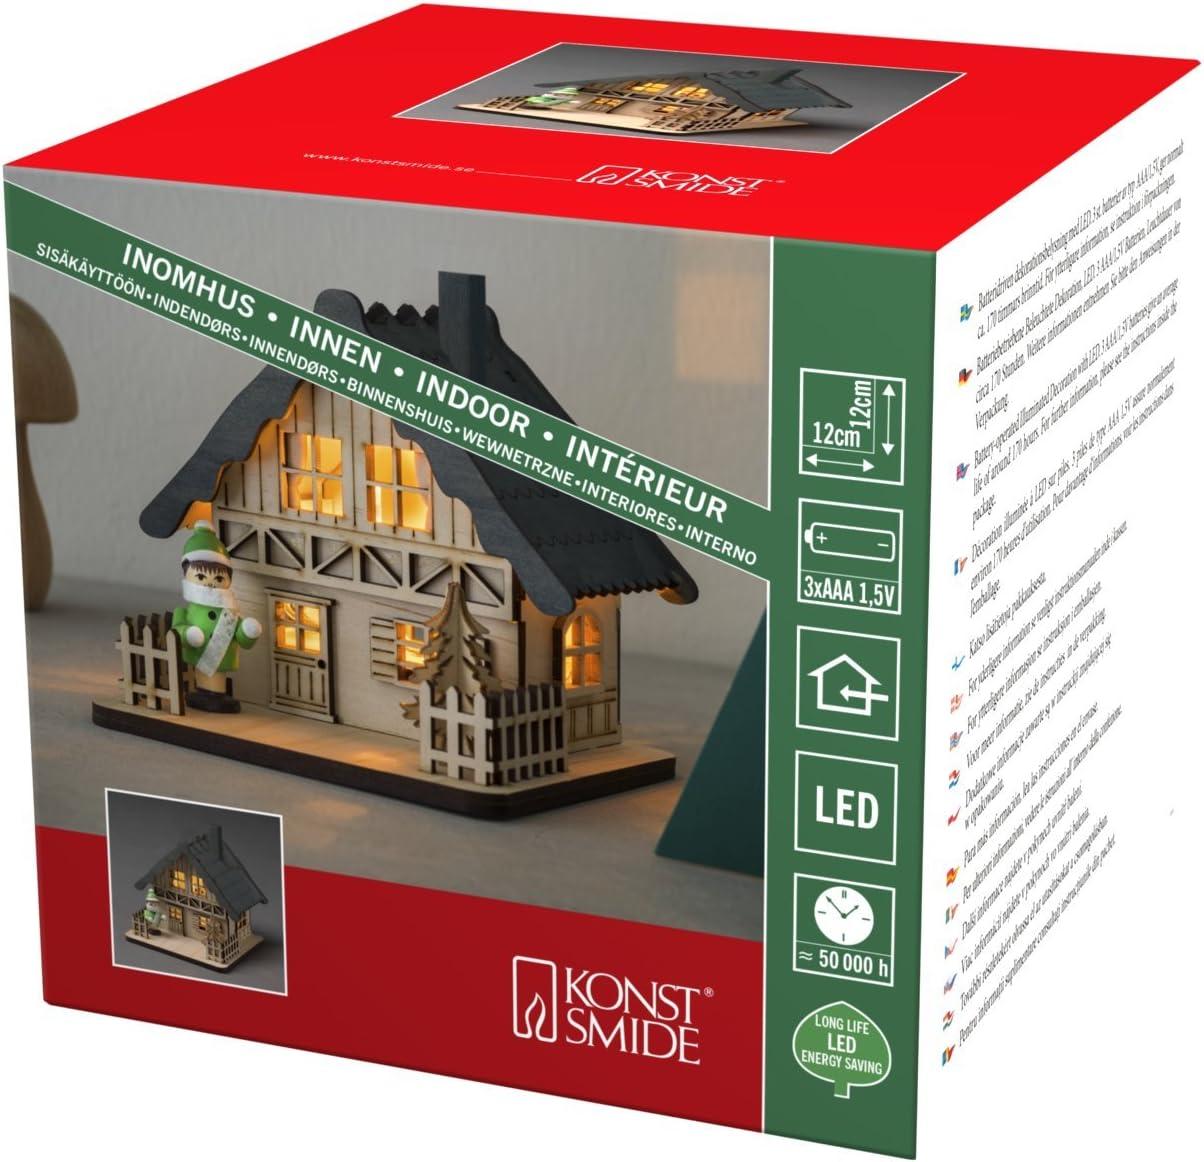 batteriebetrieben LED Holzsilhouette naturfarben 3230-100 Konstsmide Fachwerkhaus mit Weihnachtsbaum und oranger Figur 4 warm wei/ße Dioden Innen